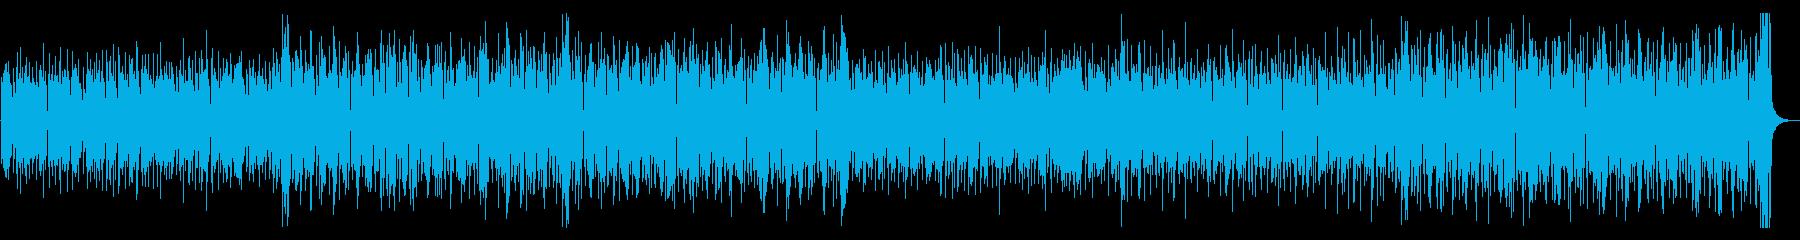 コミカルで軽快・かわいい8ビートジャズの再生済みの波形